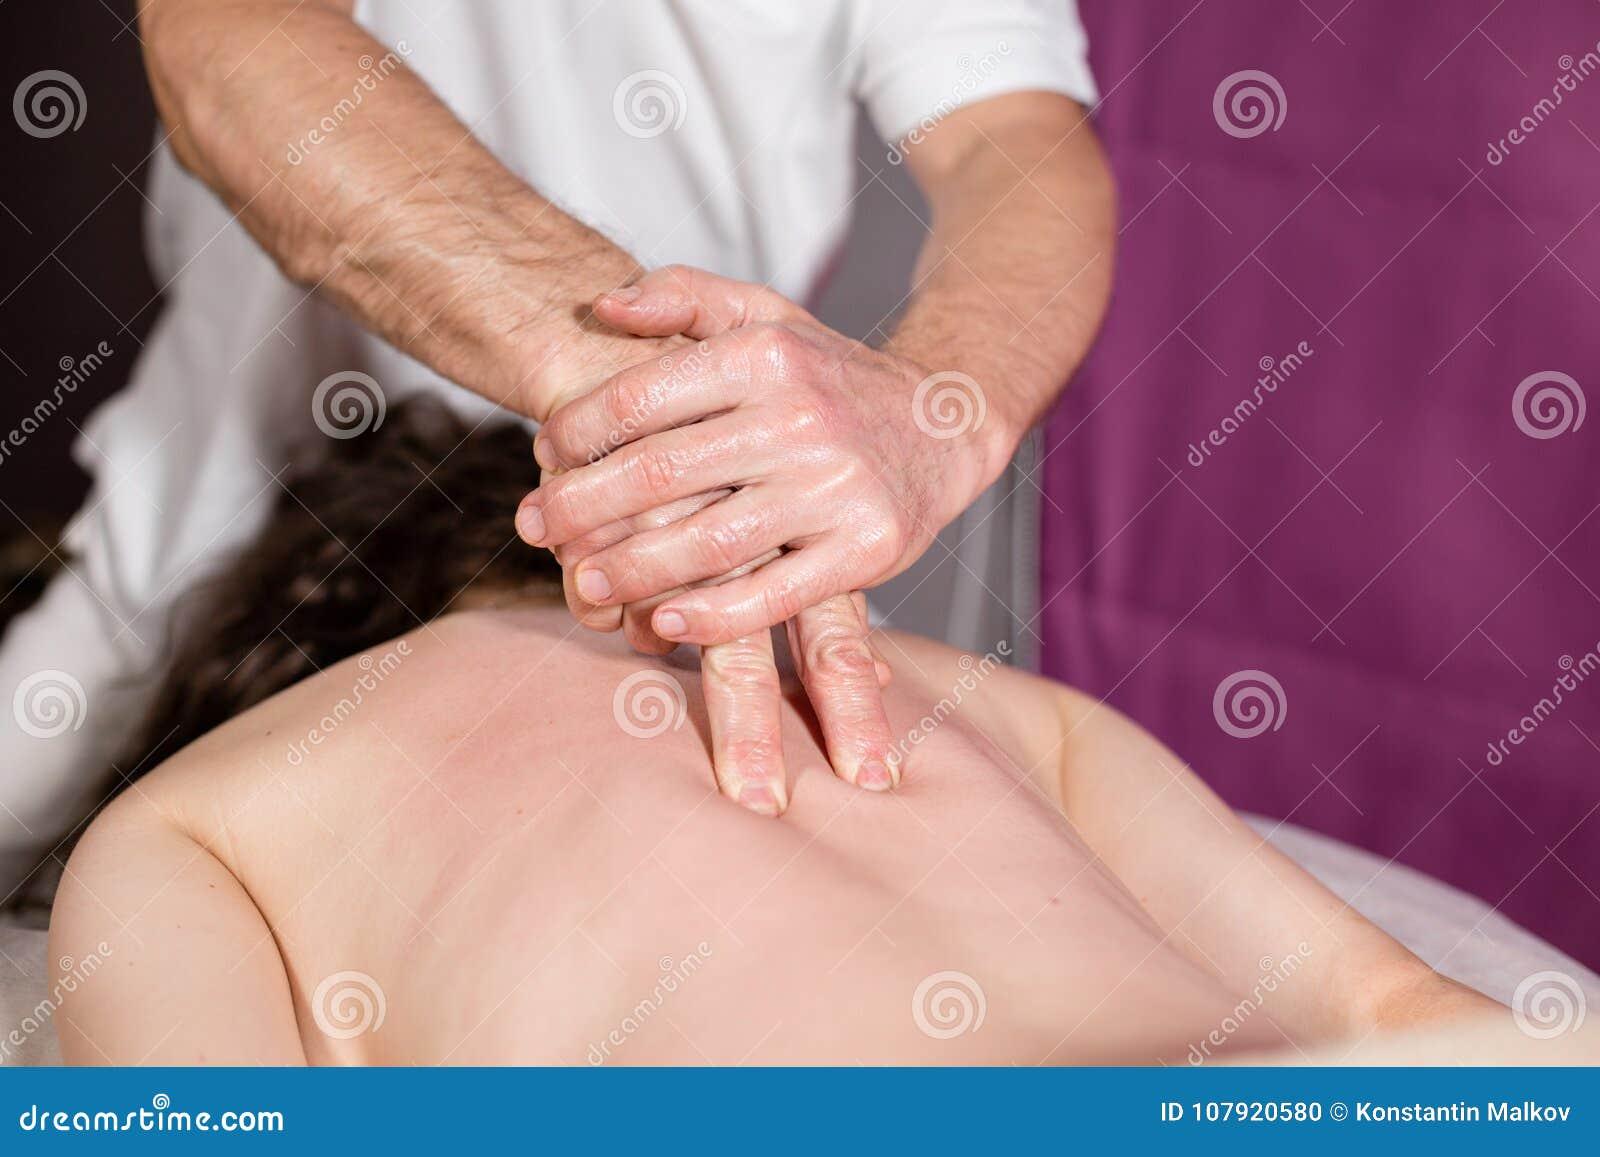 Χέρια μασέρ που κάνουν τη σπονδυλική στήλη και το πίσω μασάζ, το λαιμό και το χέρι Ο χαλαρωμένος ασθενής απολαμβάνει Χέρια ατόμων